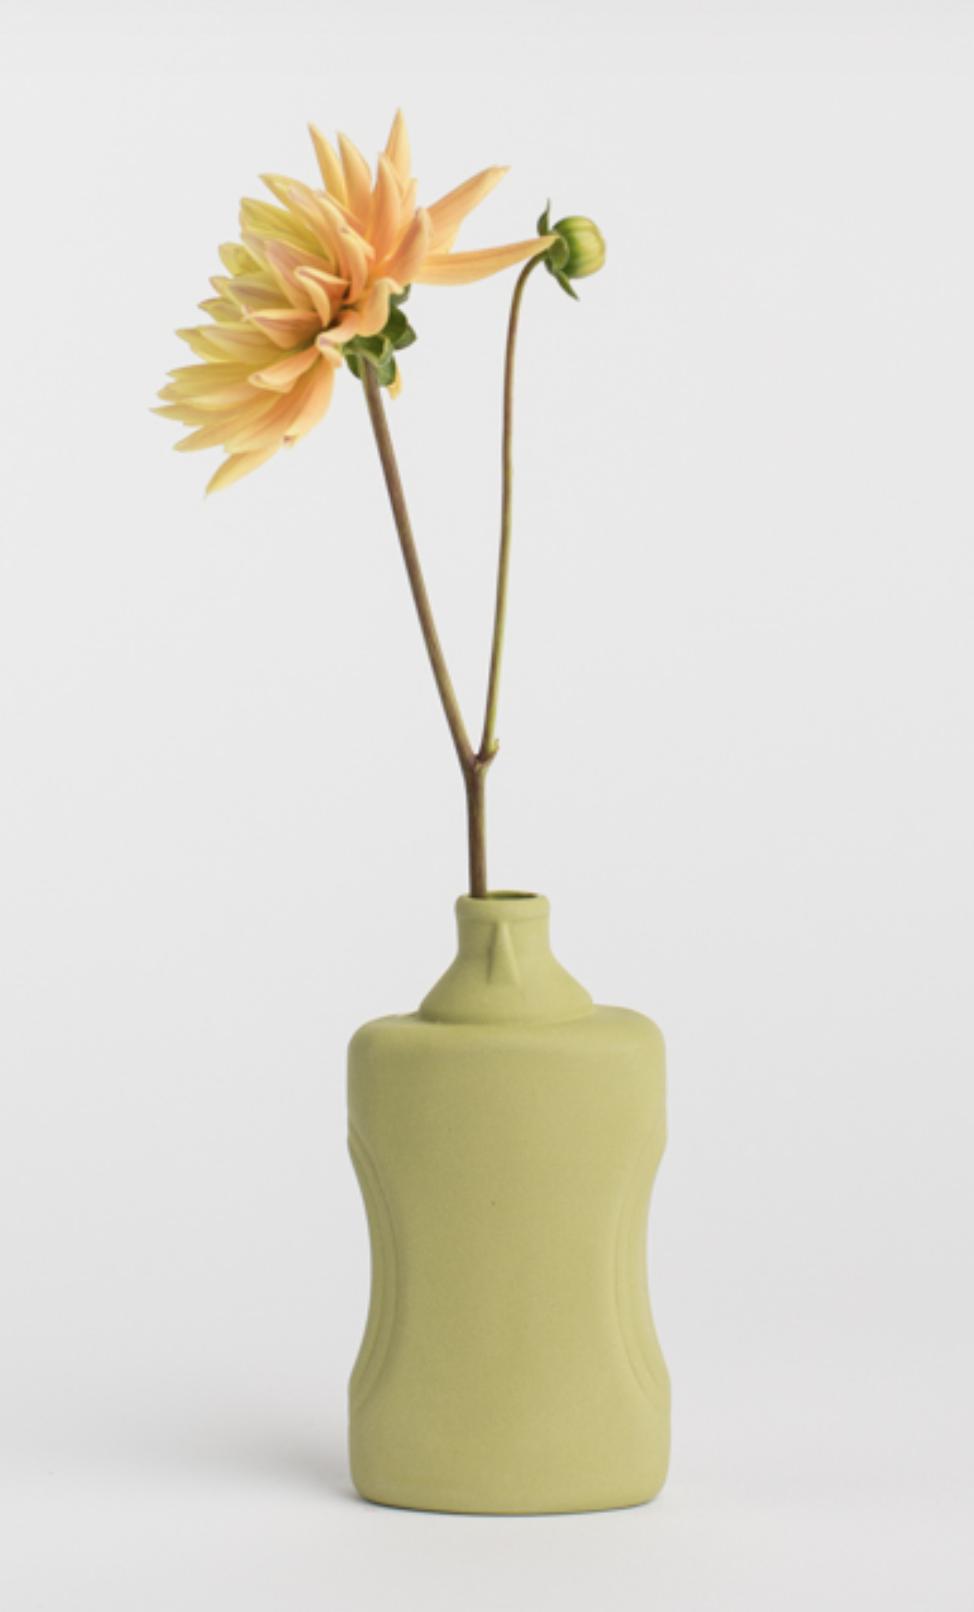 Porseleinen Flesvaas Mosgroen #21 - Foekje Fleur-2